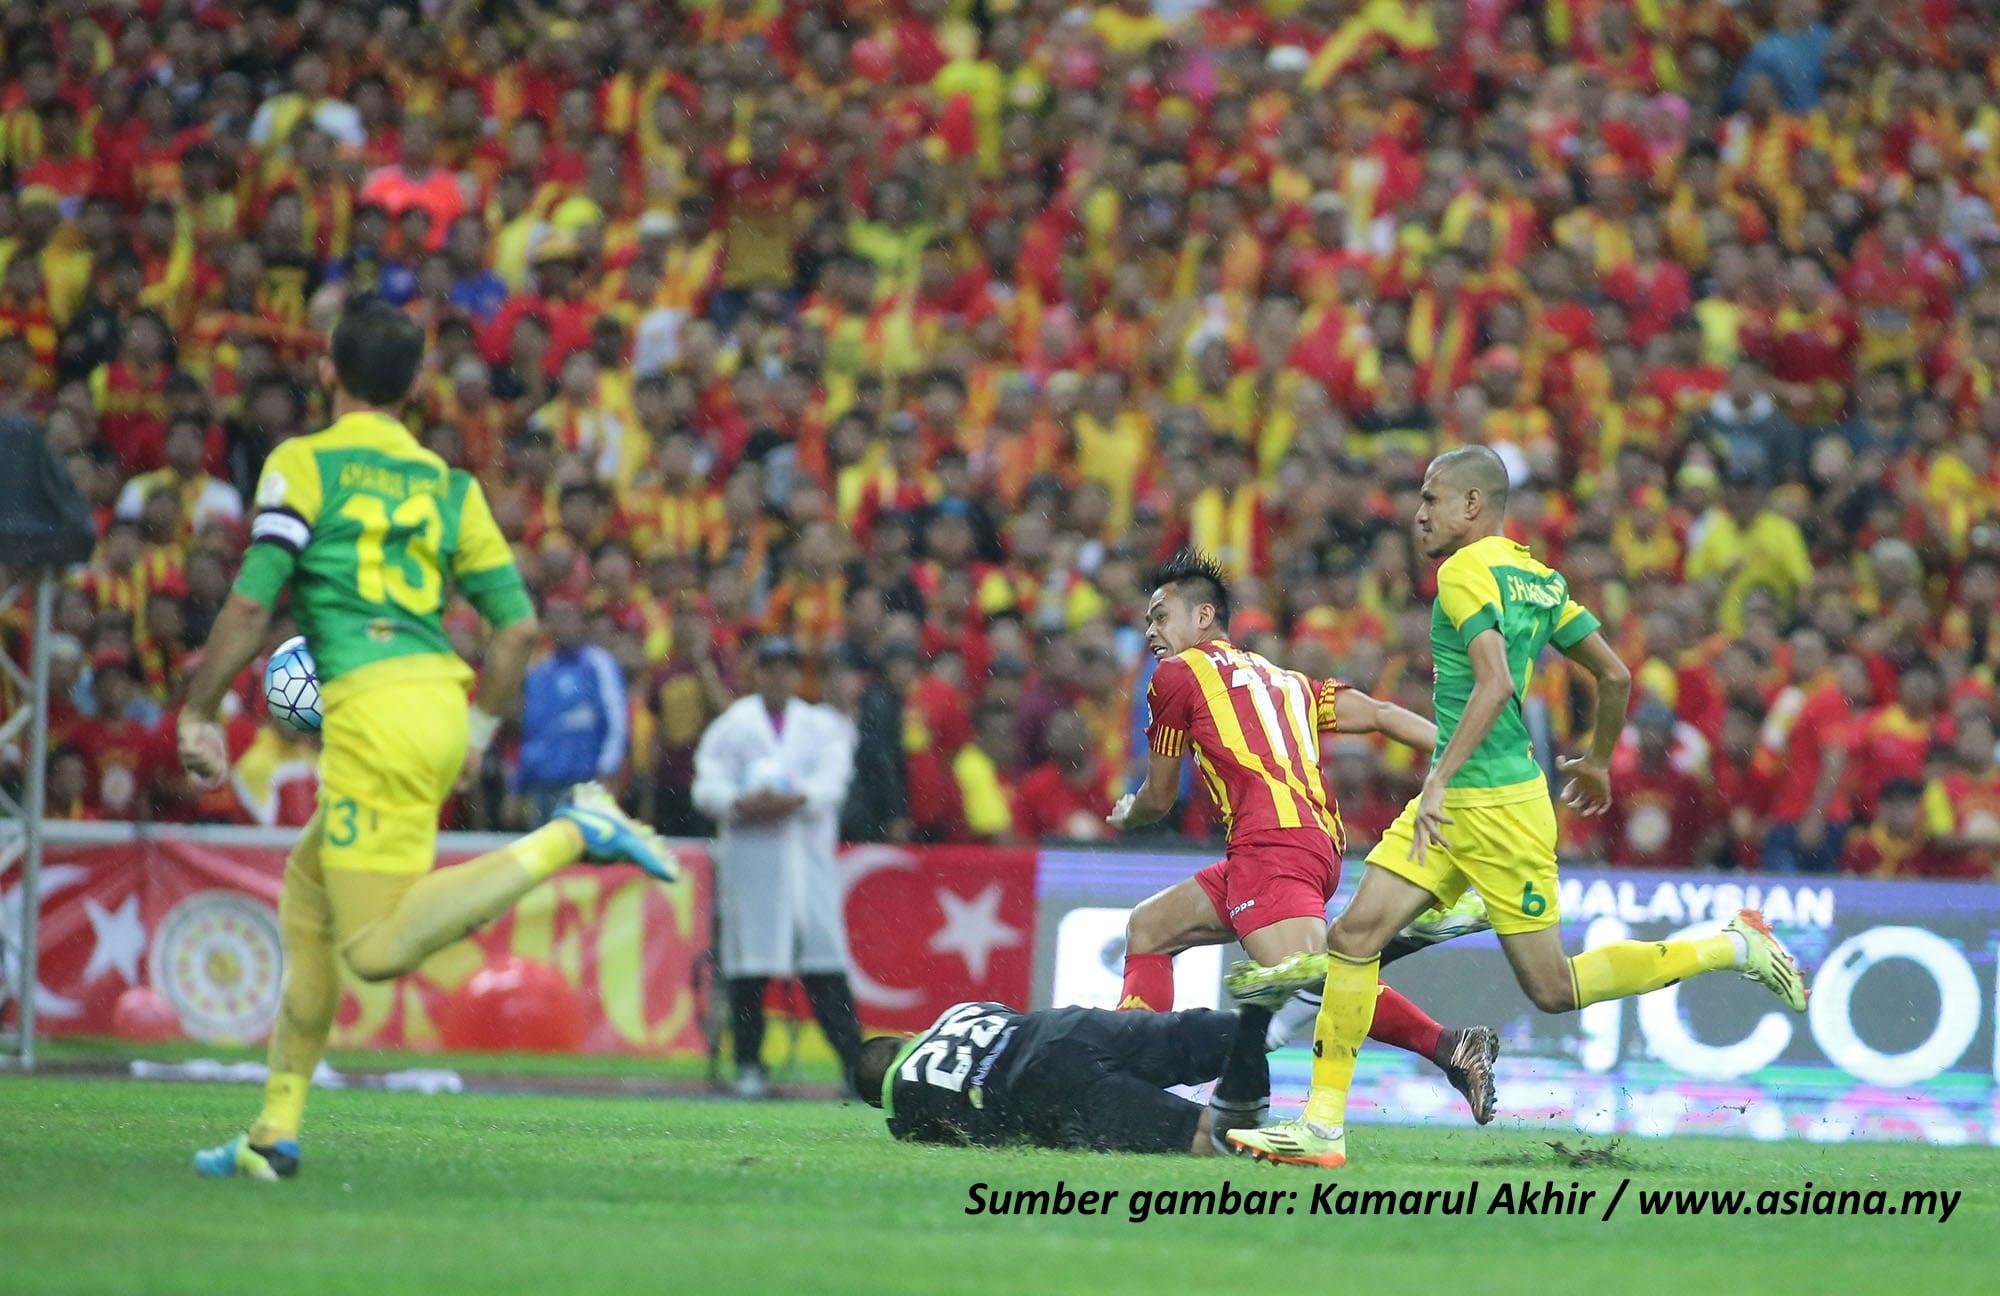 5 Sebab Kemungkinan Final Impian Piala Malaysia 2016, Selangor vs Kedah Tidak  ...